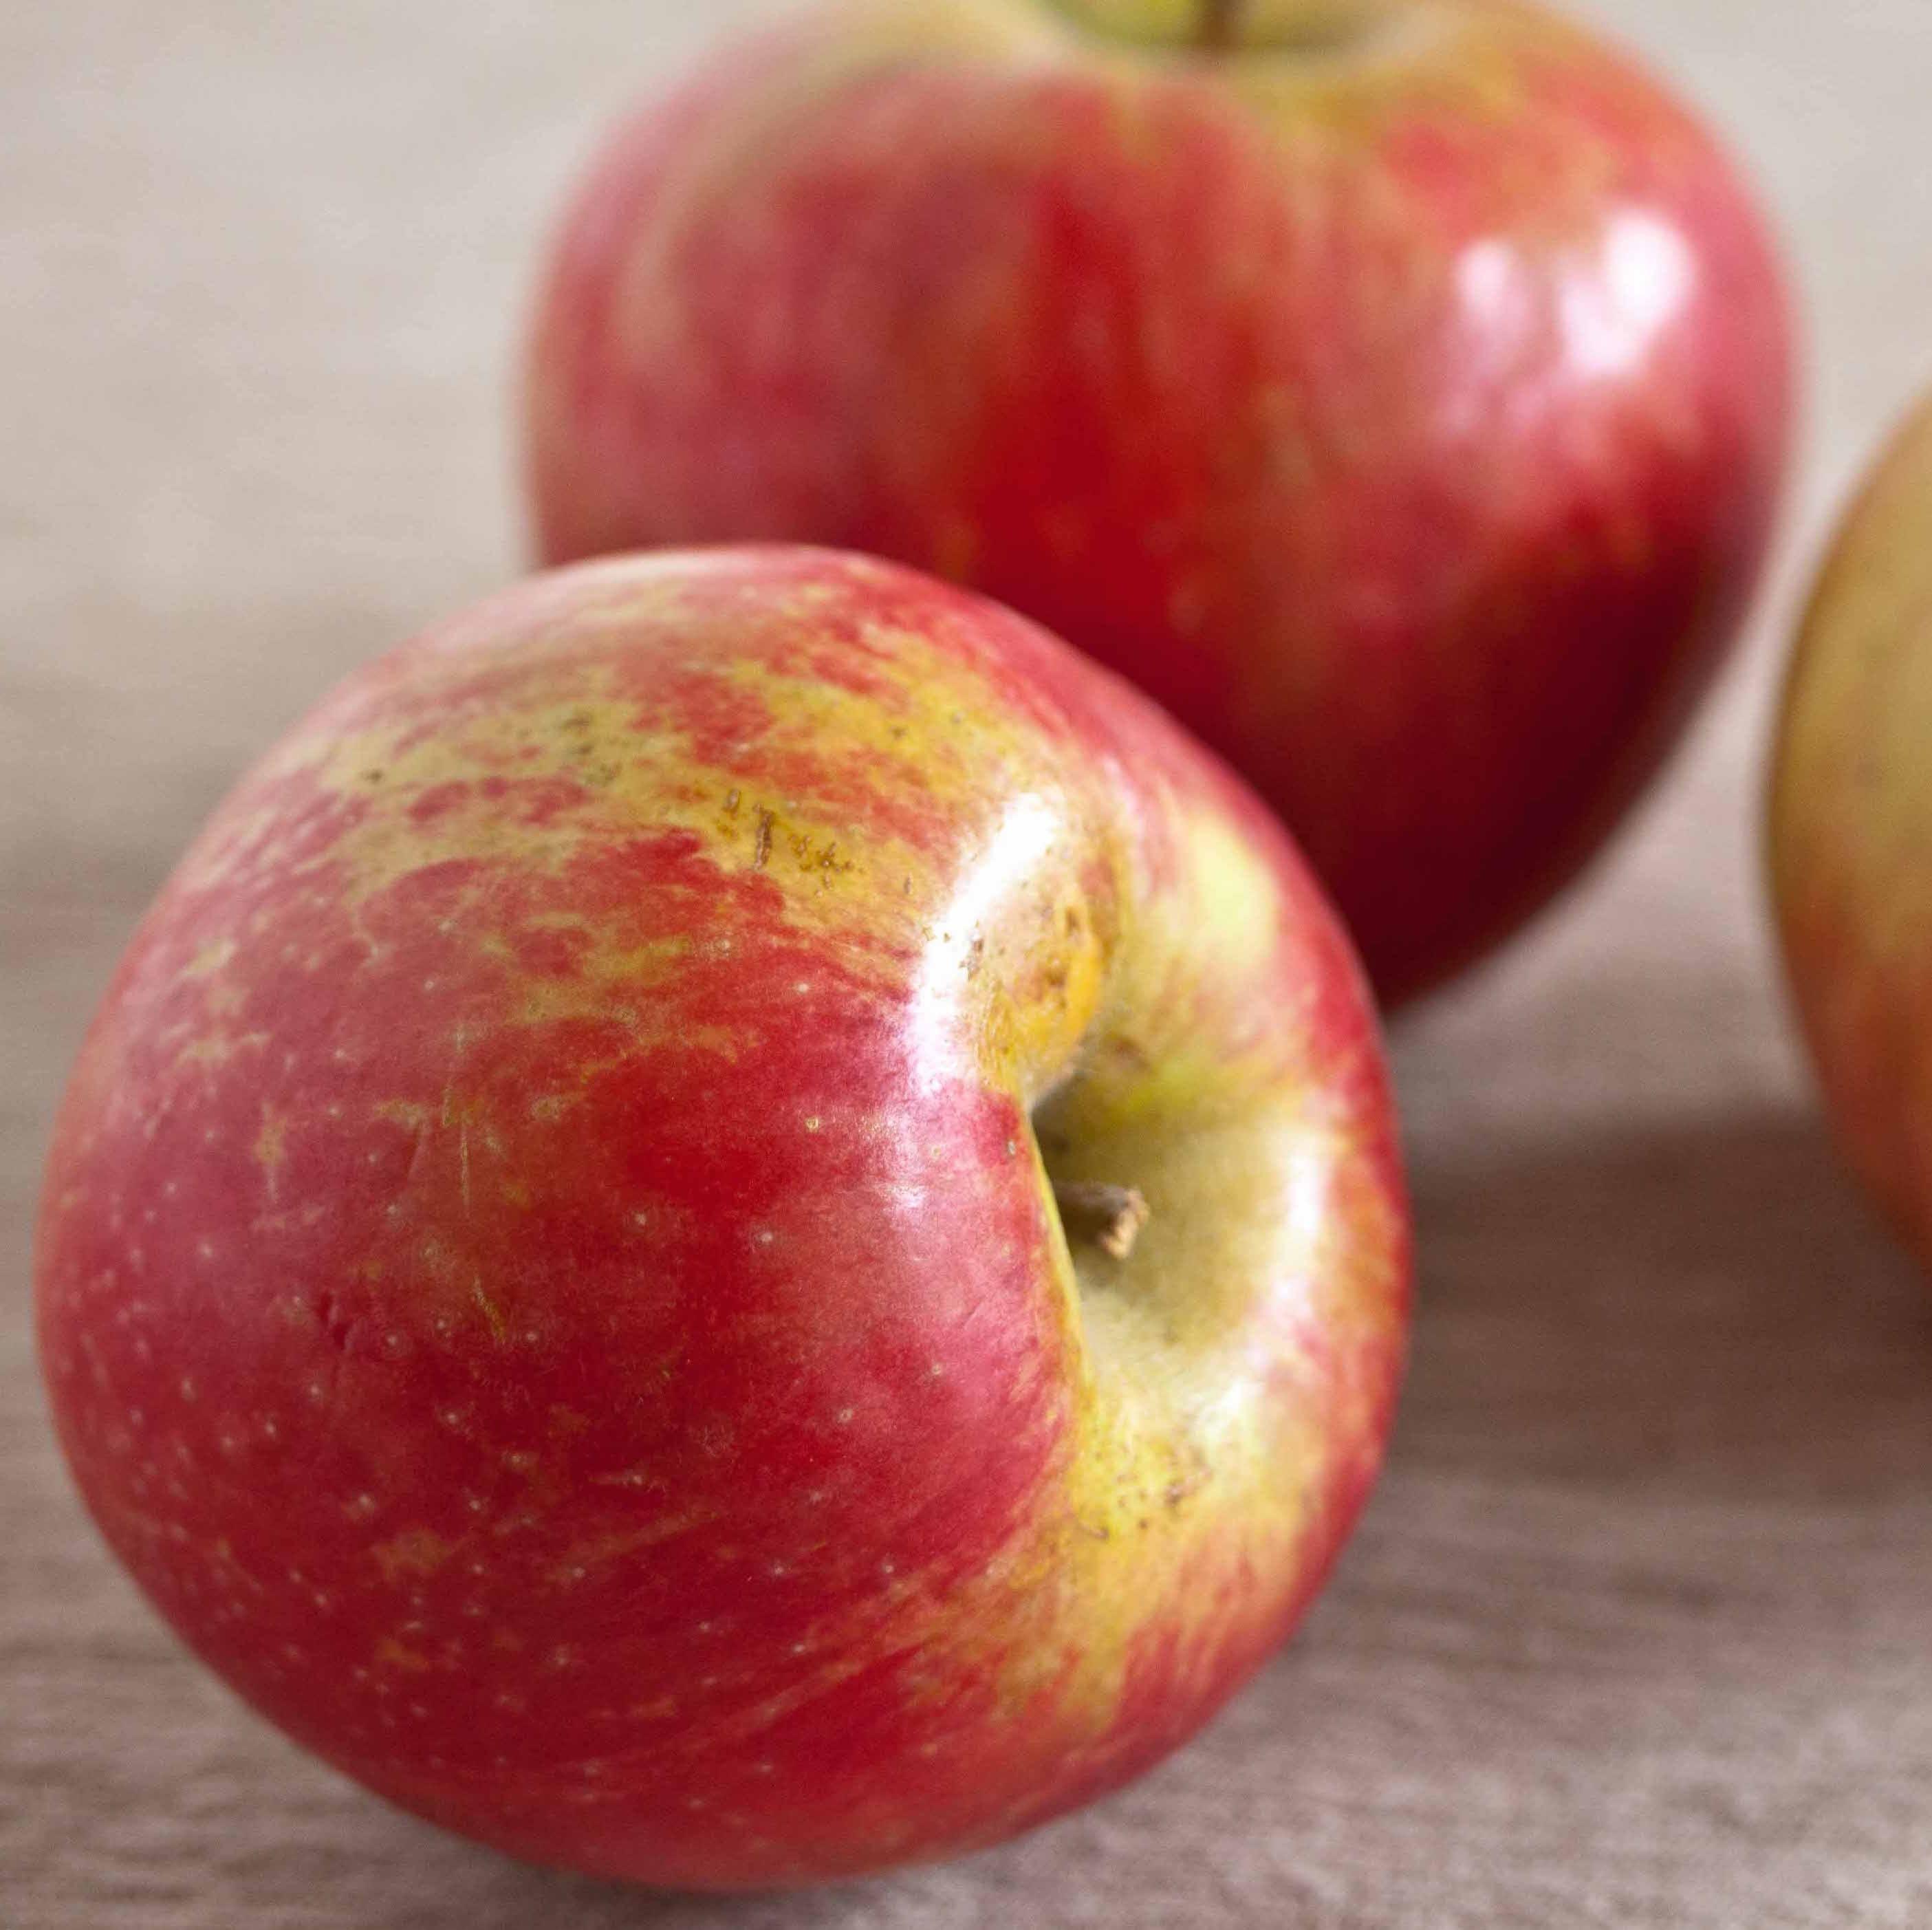 To peel or not to peel before juicing, apples, oranges, lemons, mango...bananas???